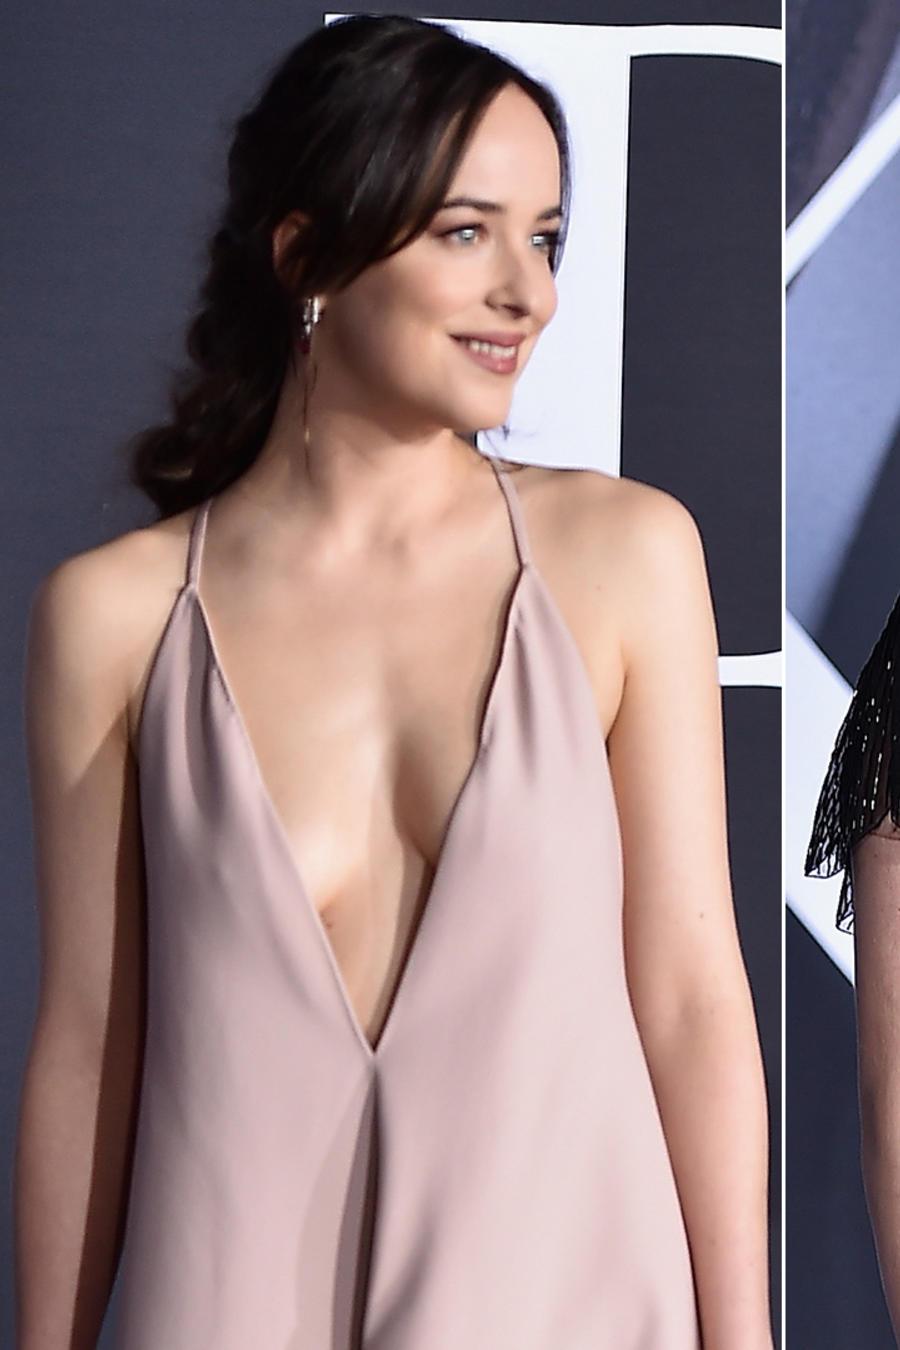 """Estos fueron los looks más sexis y provocadores del estreno de la película """"Fifty Shades Darker"""""""